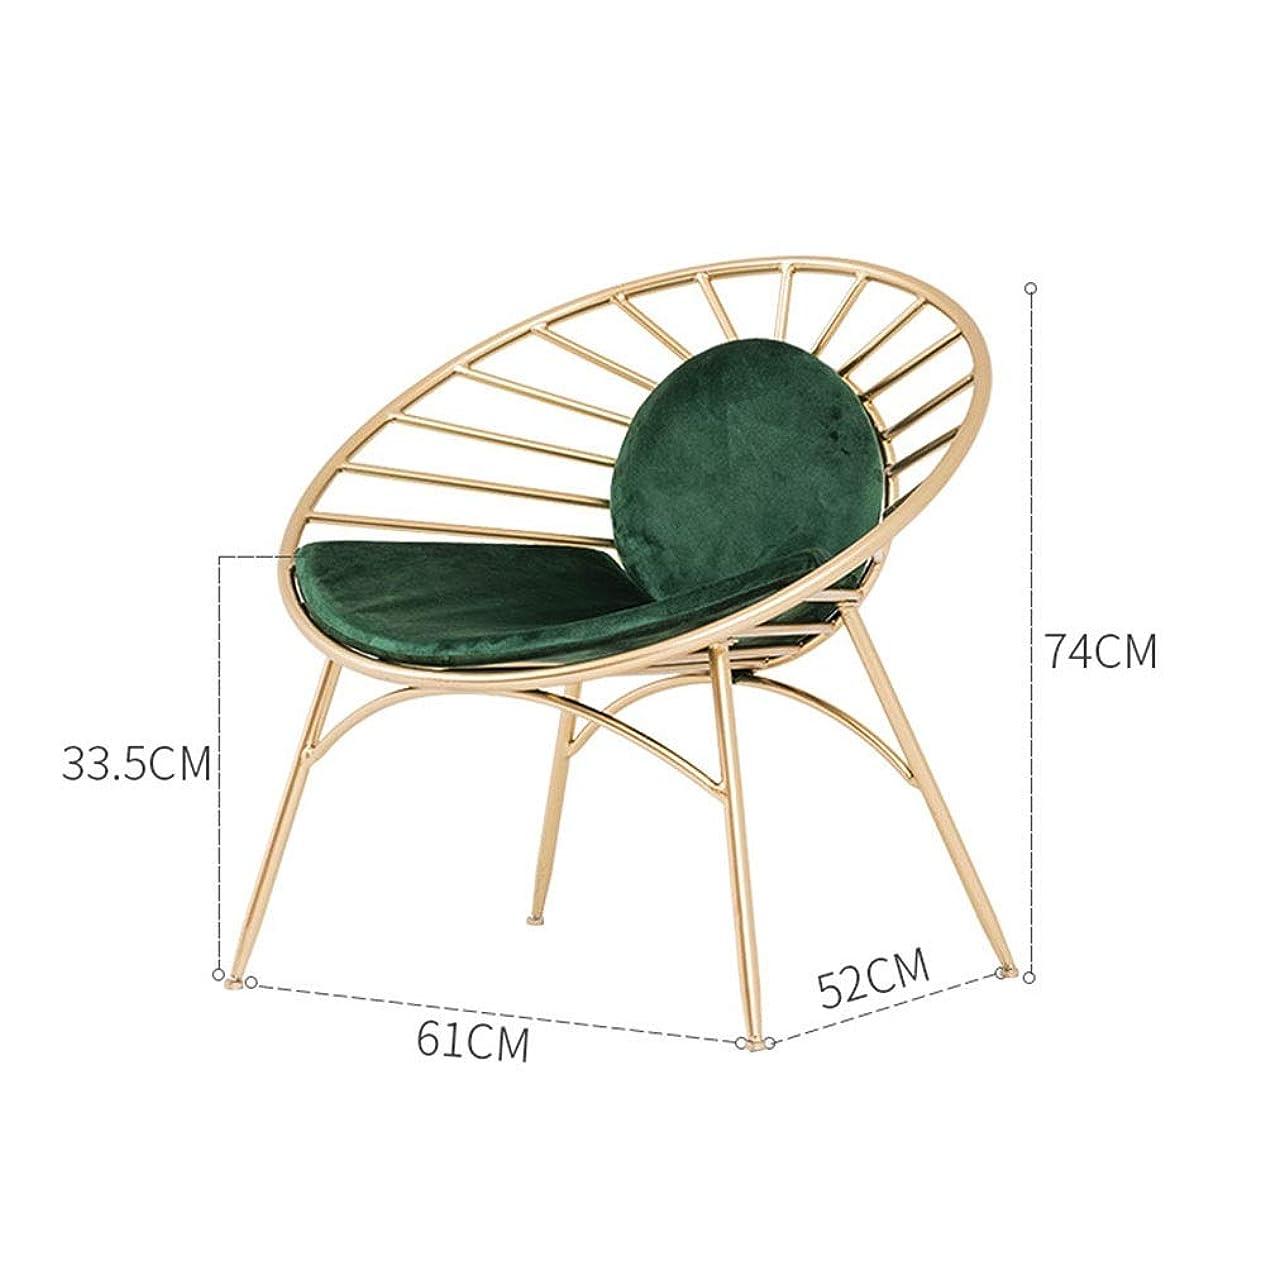 クールスチュワードゼロLWT チェア 北欧モダンミニマリスト錬鉄製の椅子レイジーソファーチェア (Color : Green)